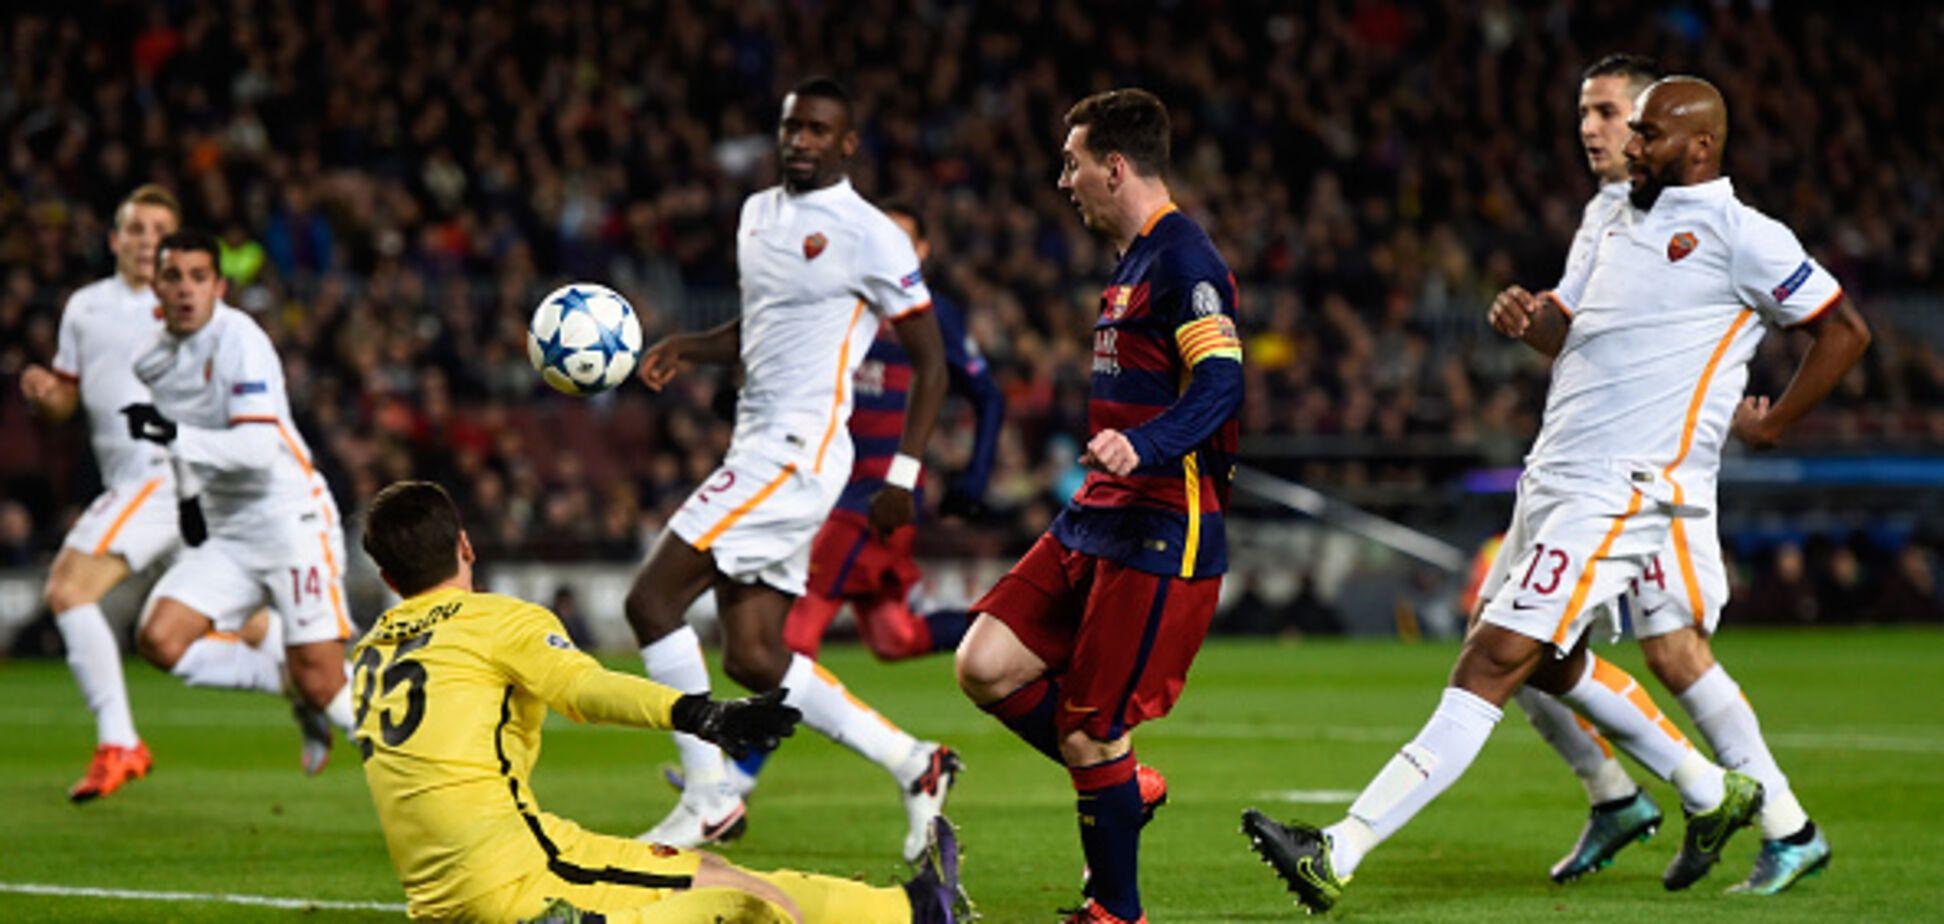 Где смотреть Барселона - Рома: расписание трансляций матча 1/4 финала Лиги чемпионов